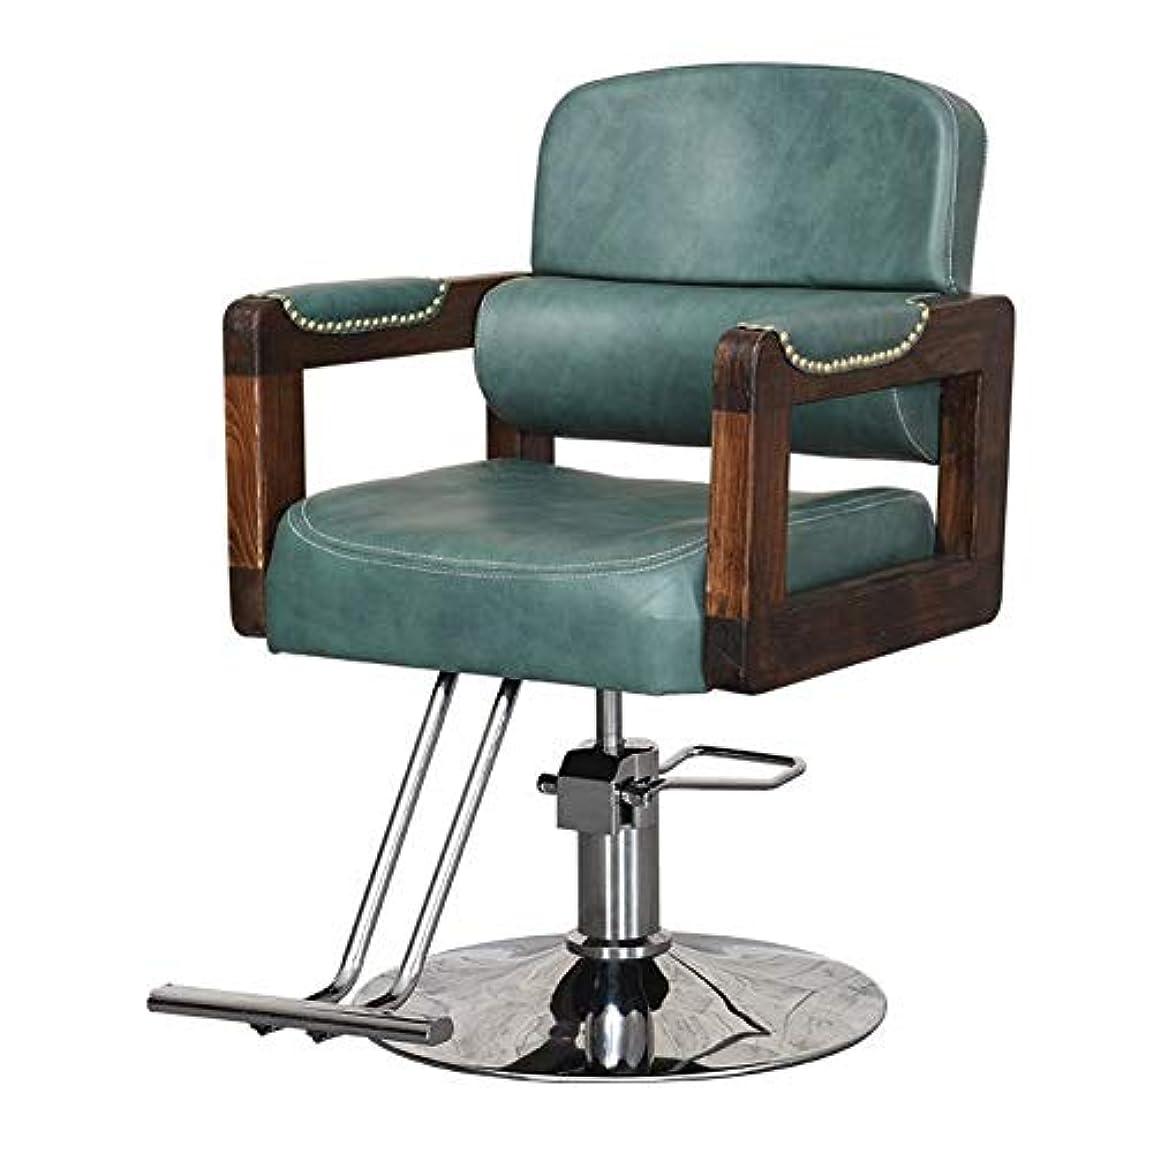 マインドフルディレクター結婚したサロンの椅子は専門の油圧理髪店の椅子の大広間の美容院の鉱泉のモデリングチェアの円形の基盤を持ち上げるために回すことができます,Brown,B